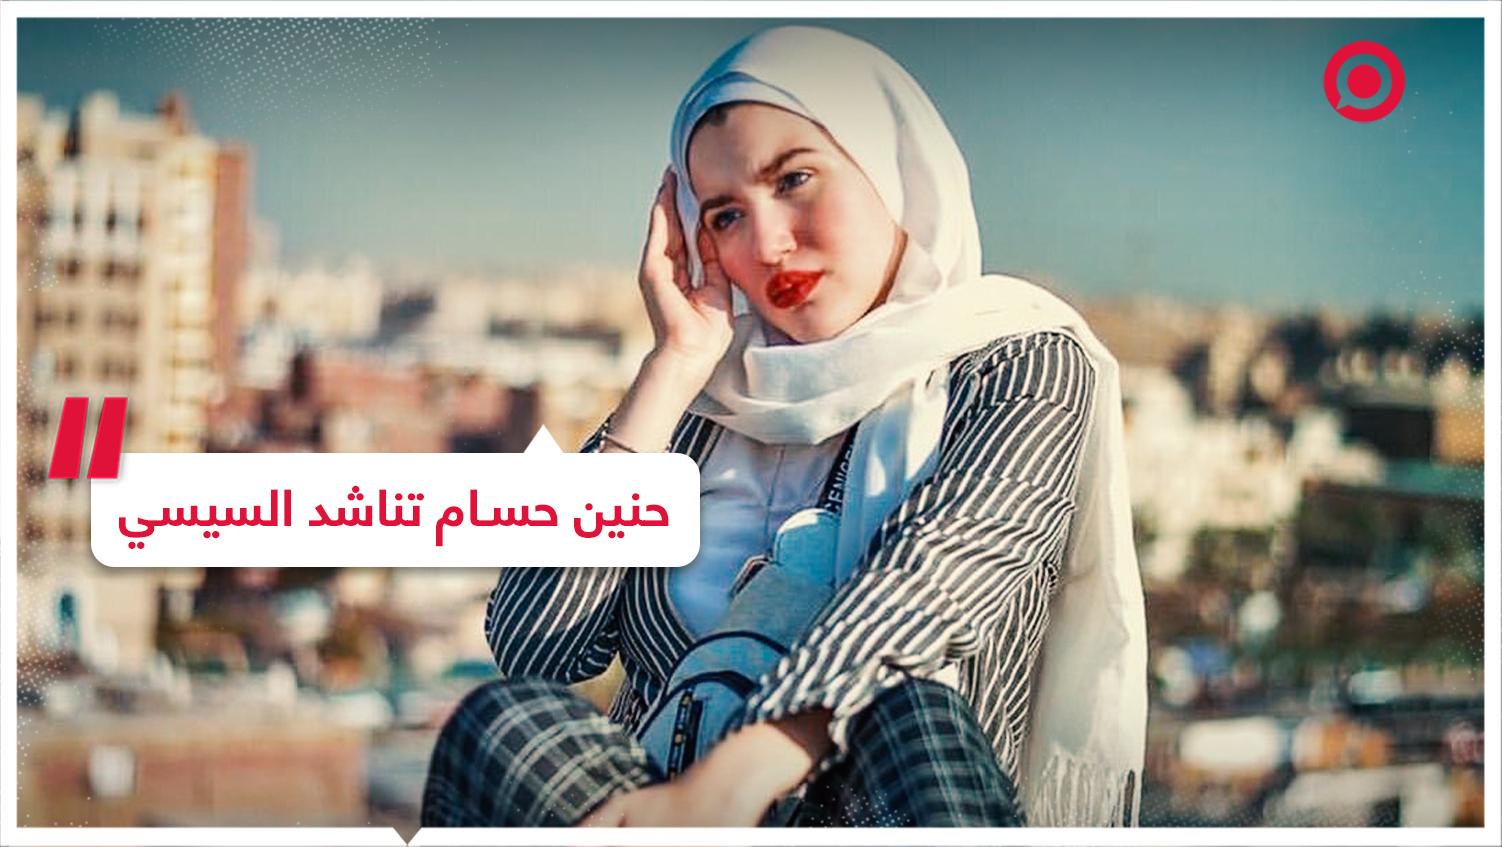 حنين حسام تبكي وتناشد السيسي والقضاء المصري يعيد محاكمتها